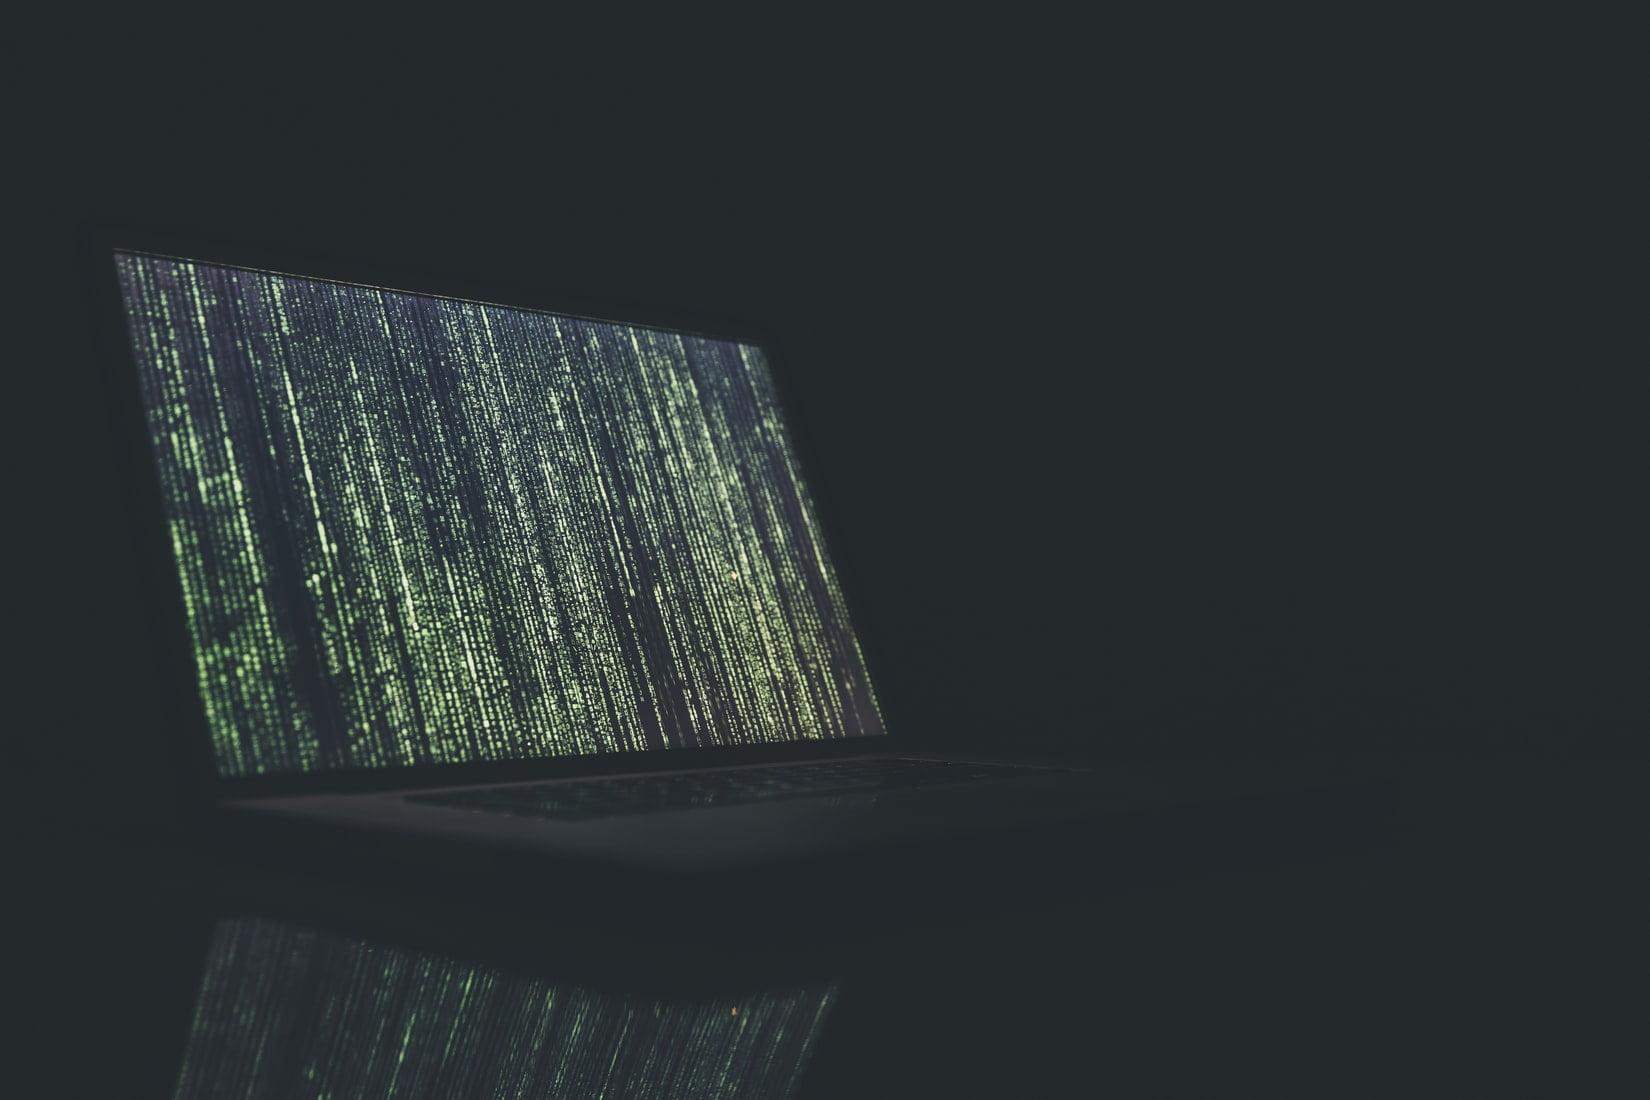 Når er det lurt å ha et antivirusprogram?